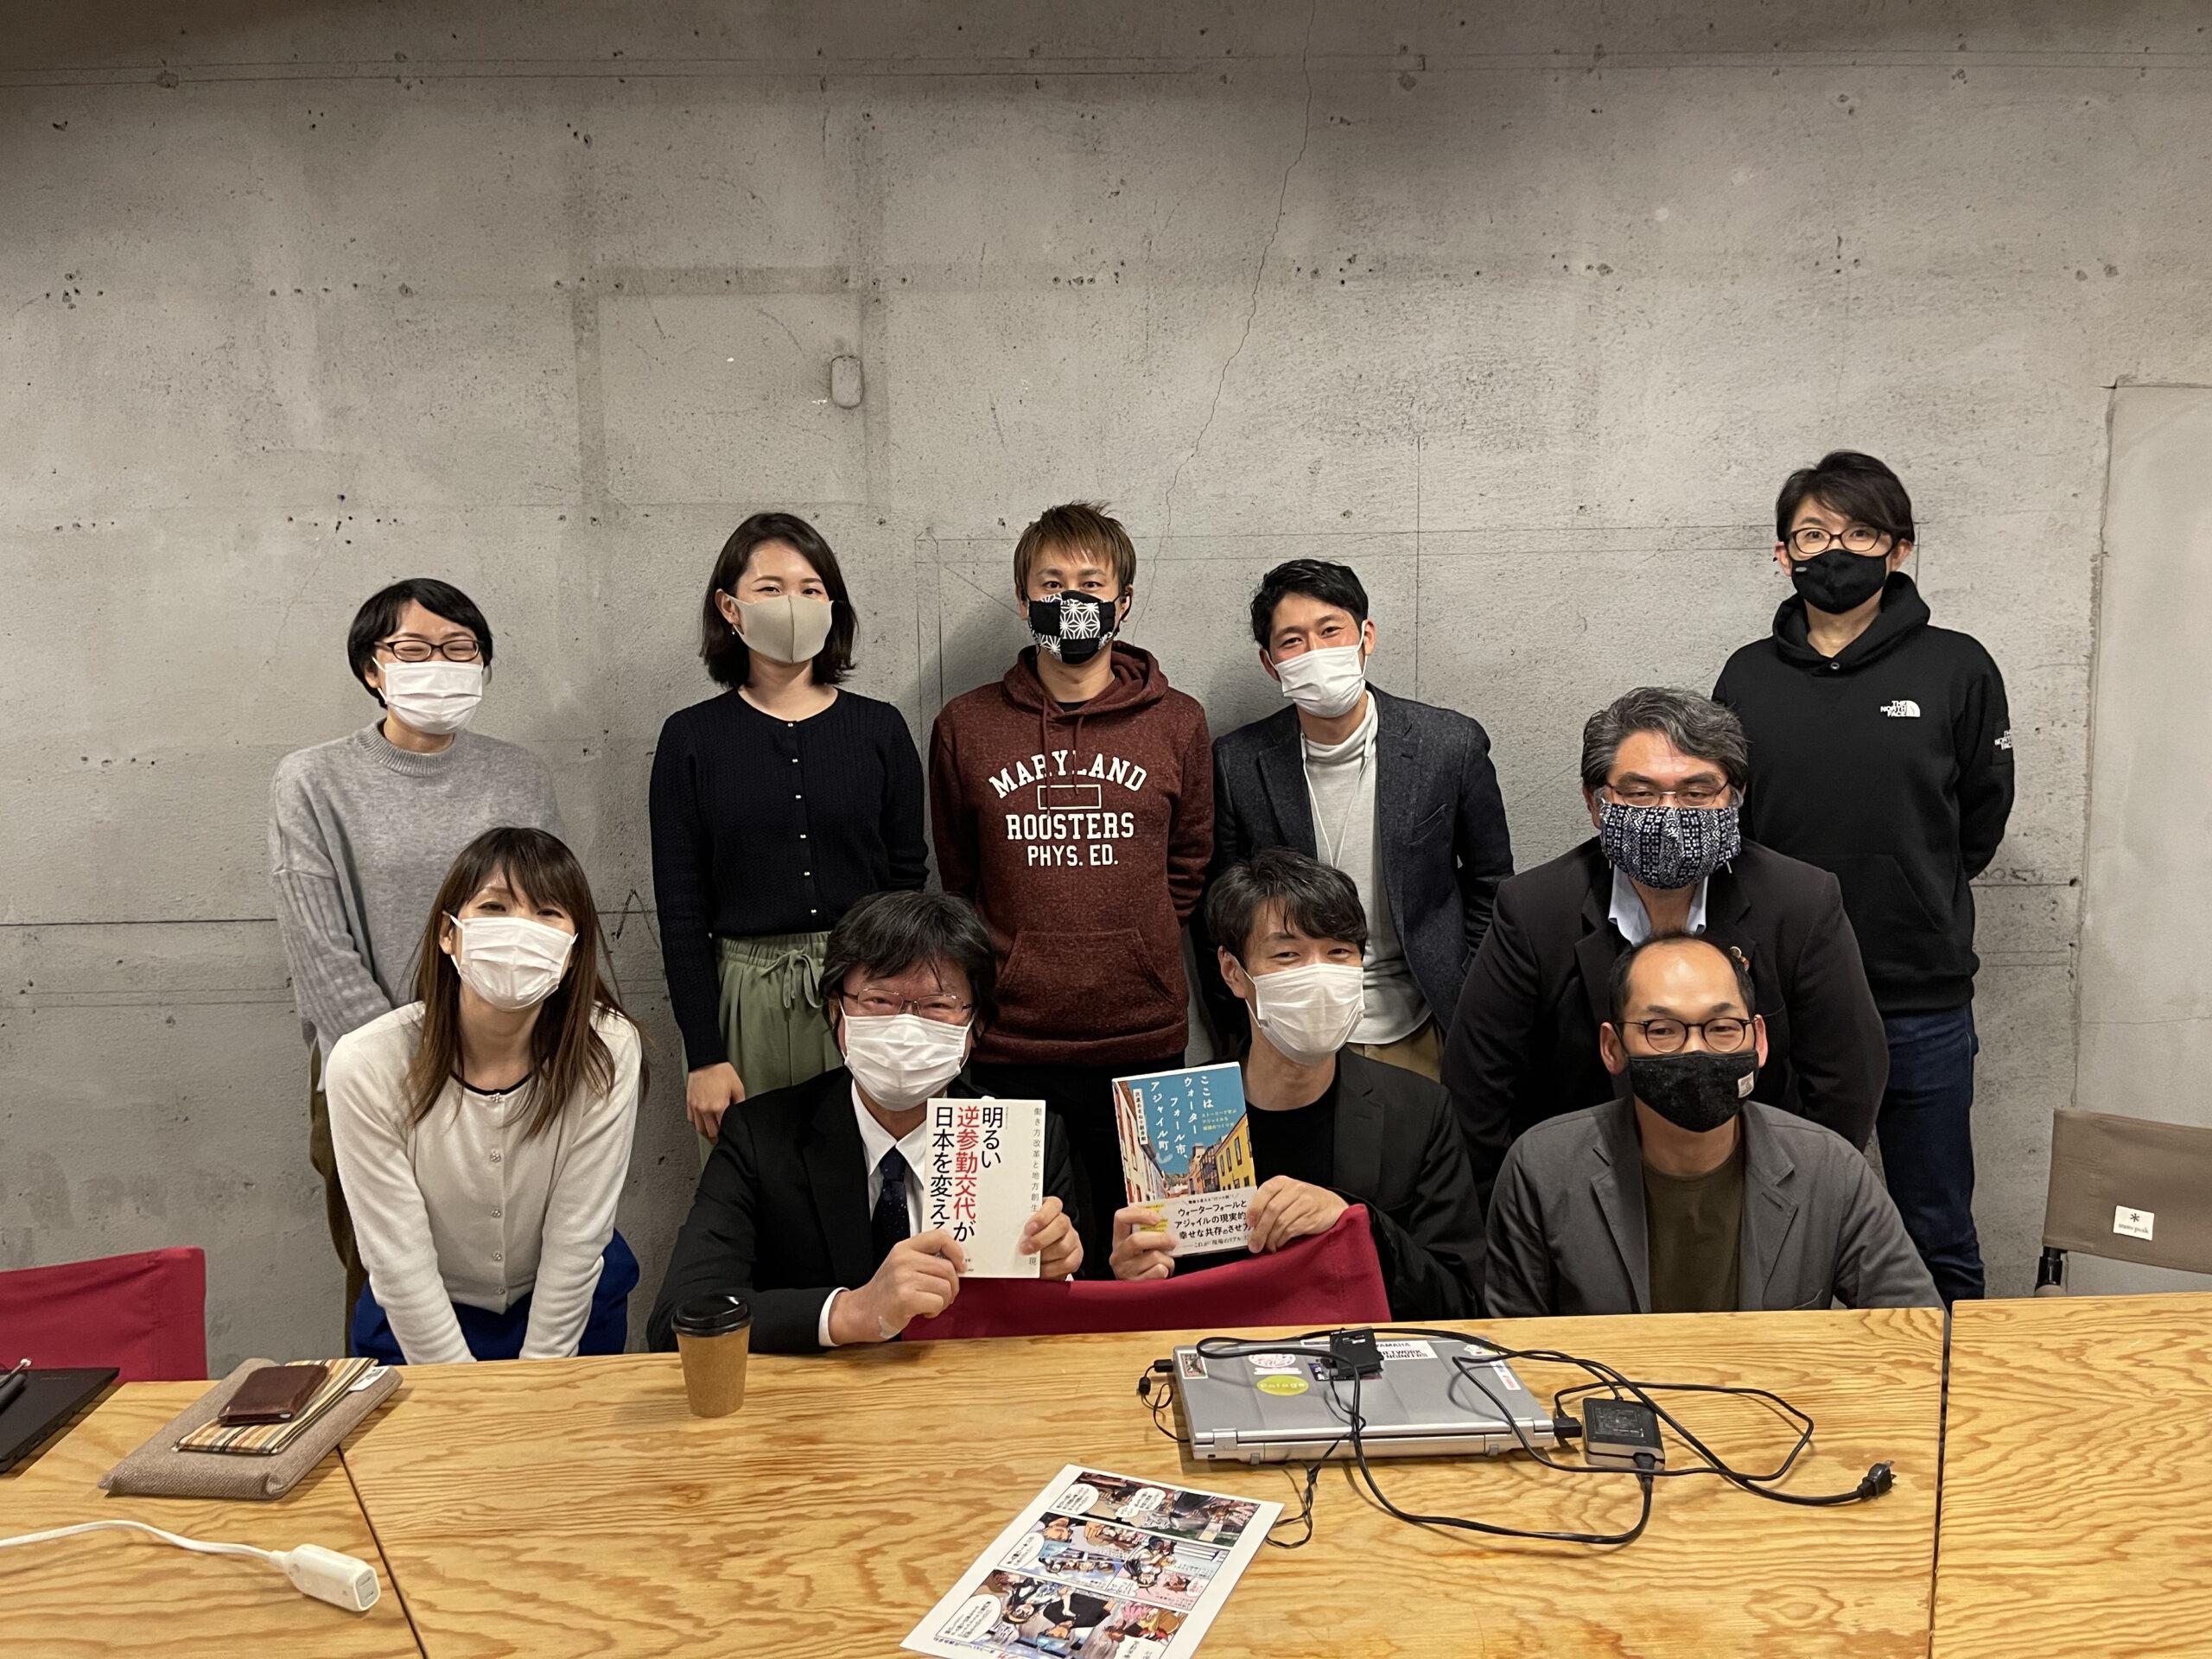 三島デジタル人材交流会&ライトニングトーク話者と